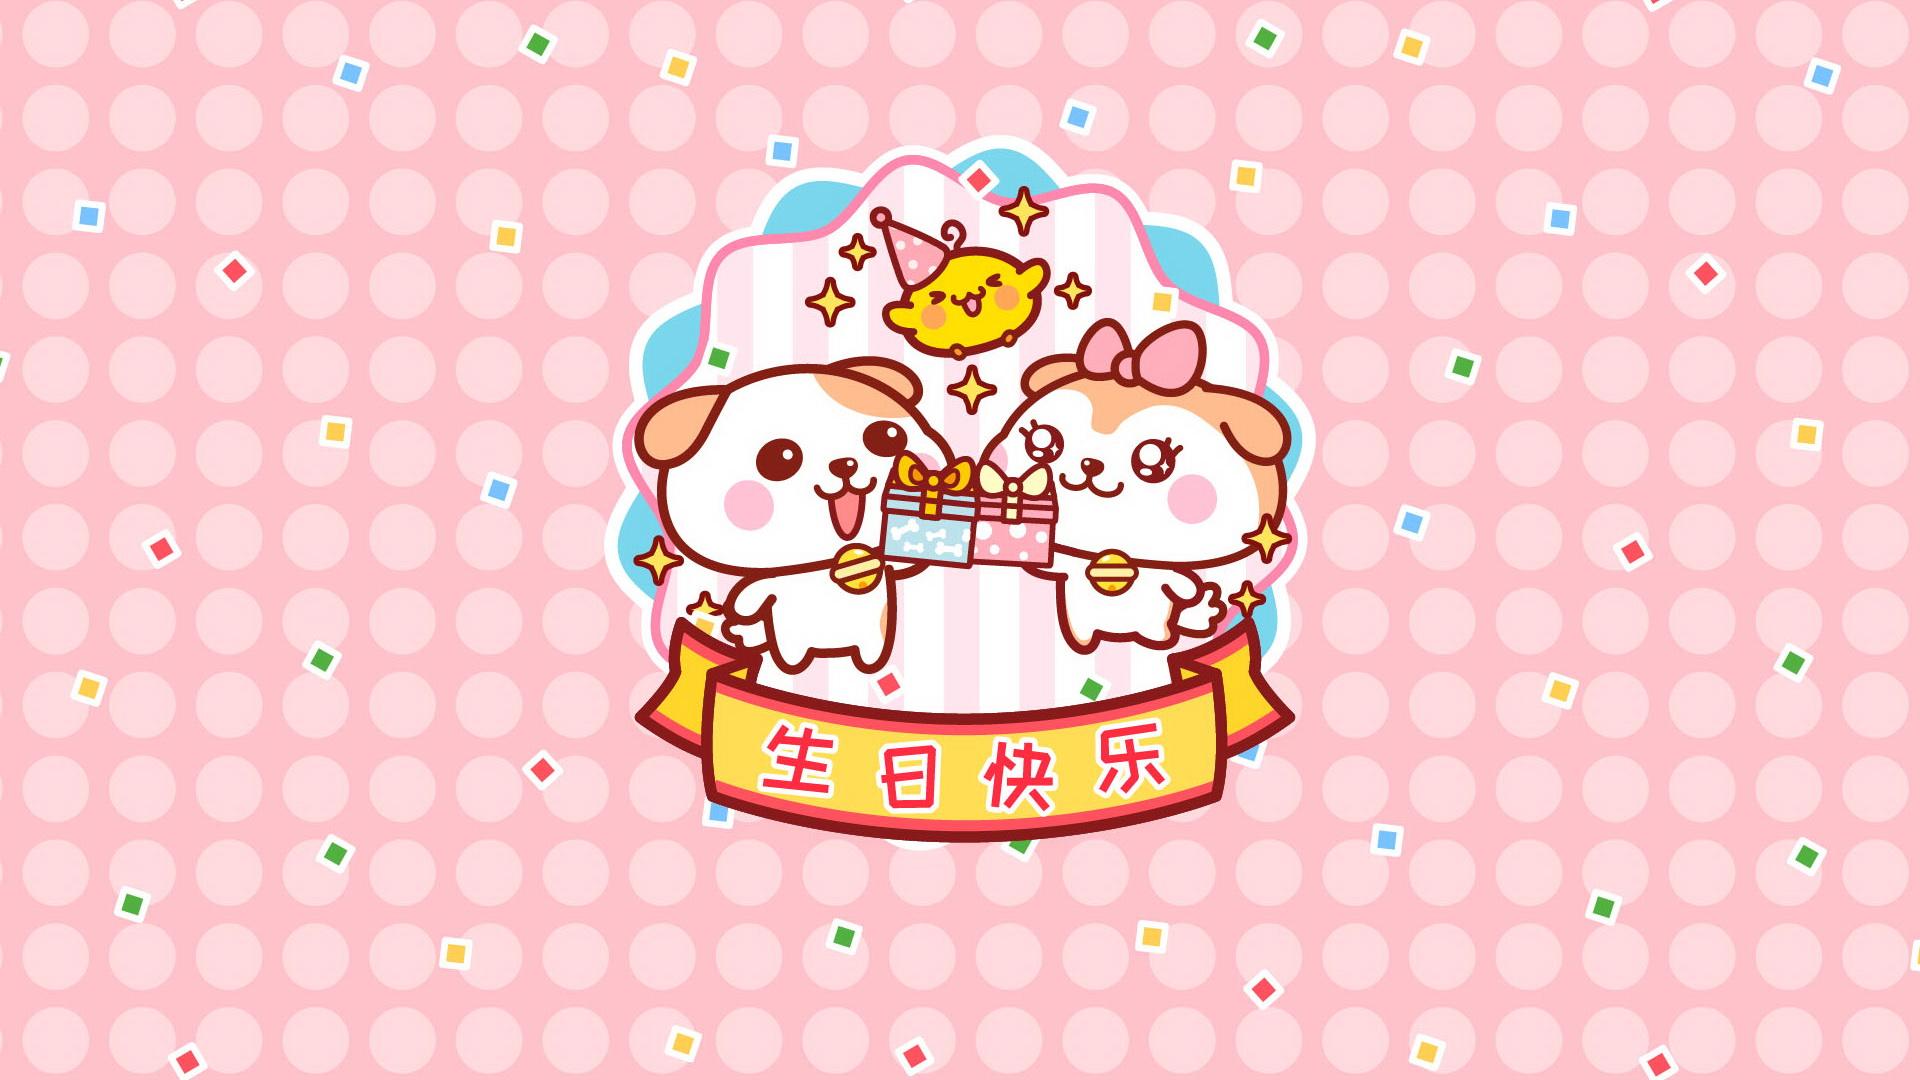 秋田君生日快乐 可爱卡通宽屏壁纸(壁纸6)